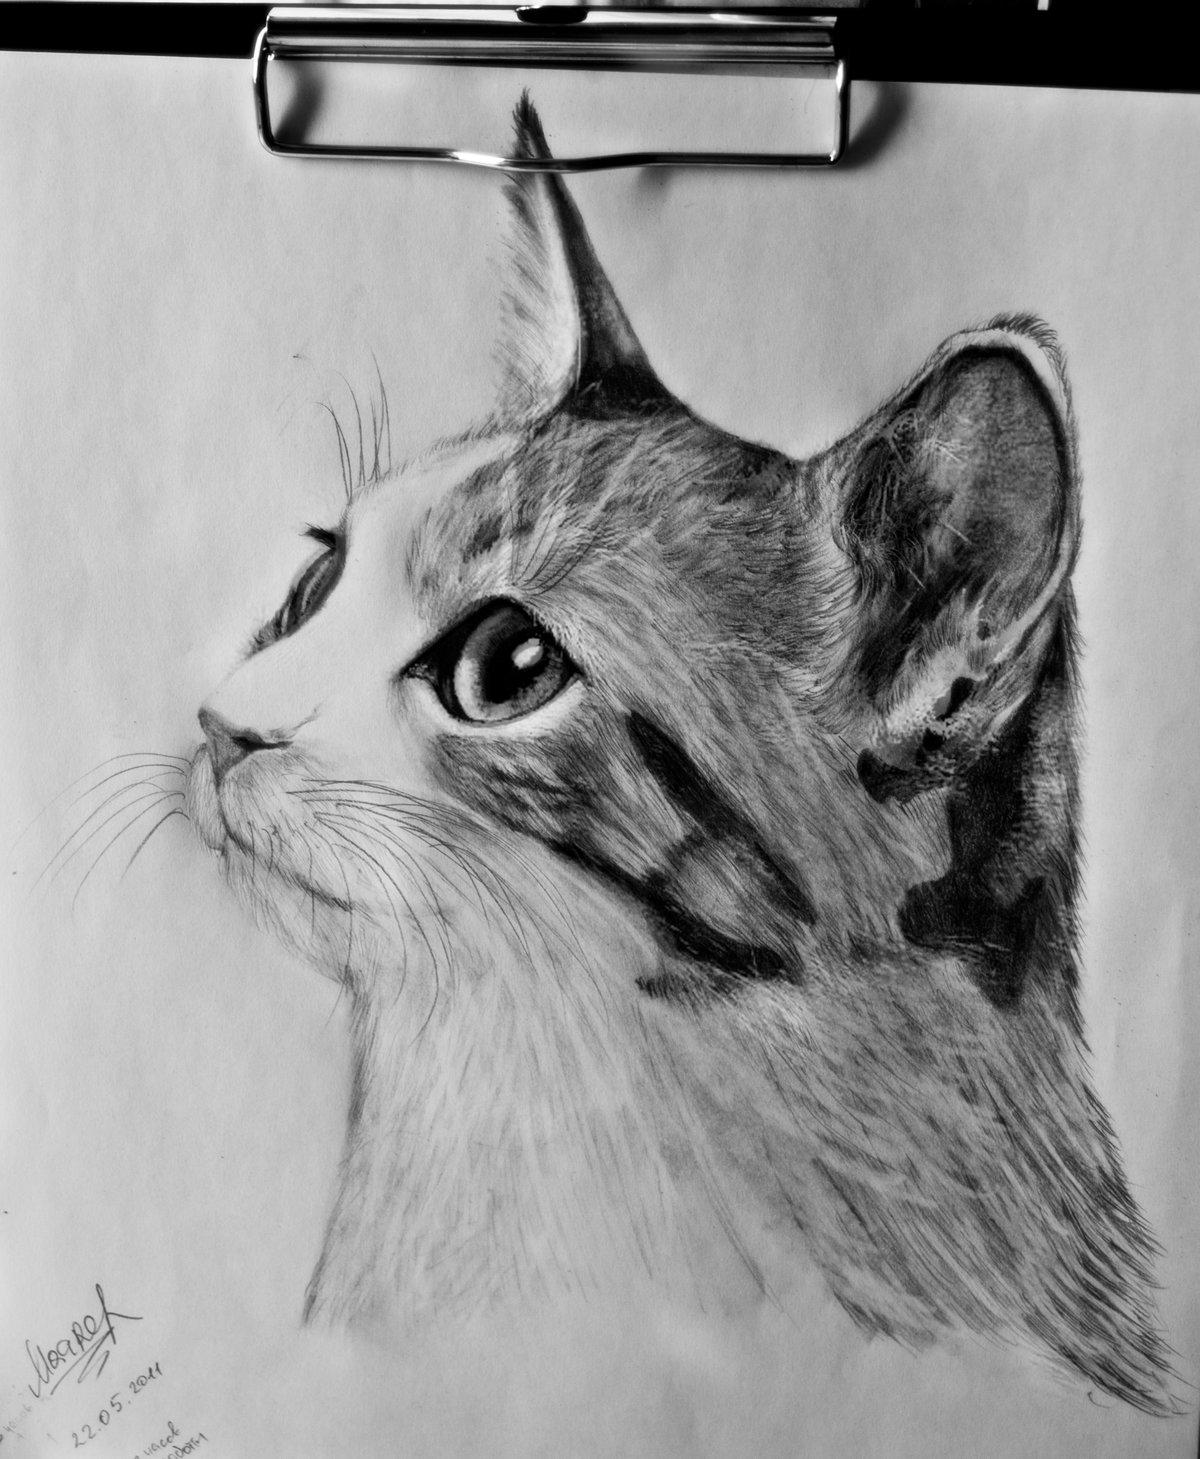 Дню матери, фото рисунок кота